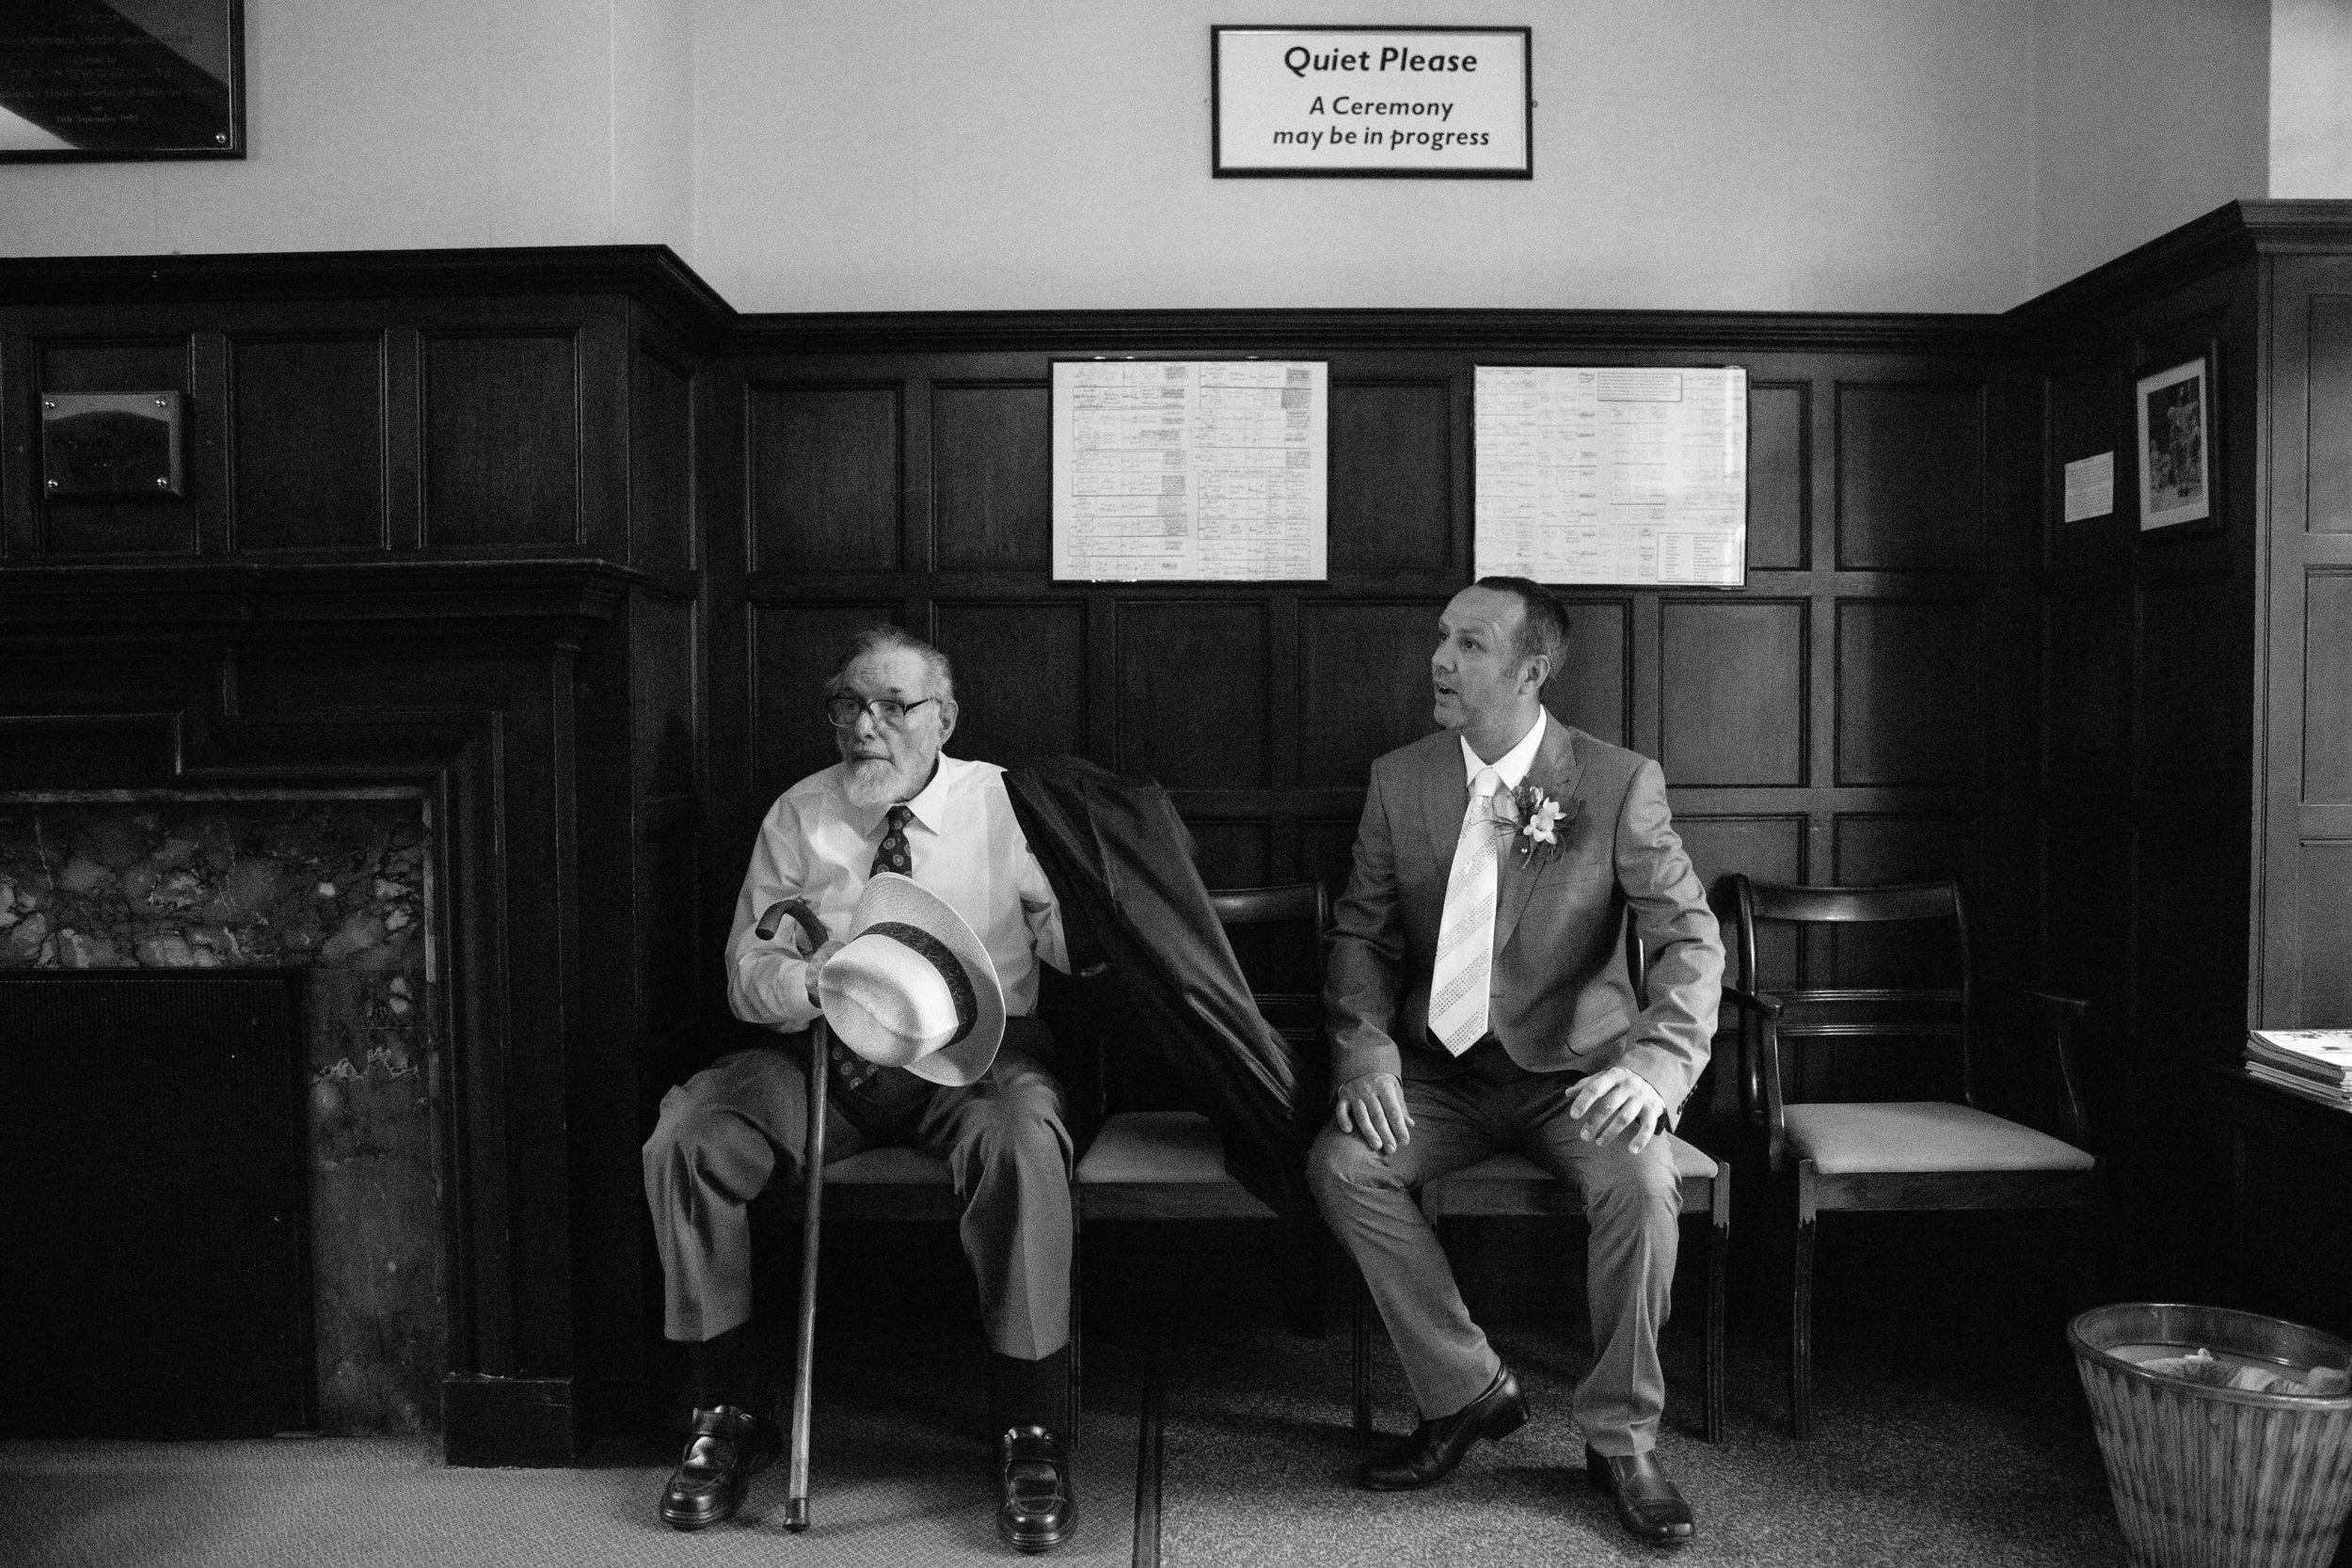 HamptonCourt-Wedding-Weybridge-Surrey-London-OatlandsParkHotel-22